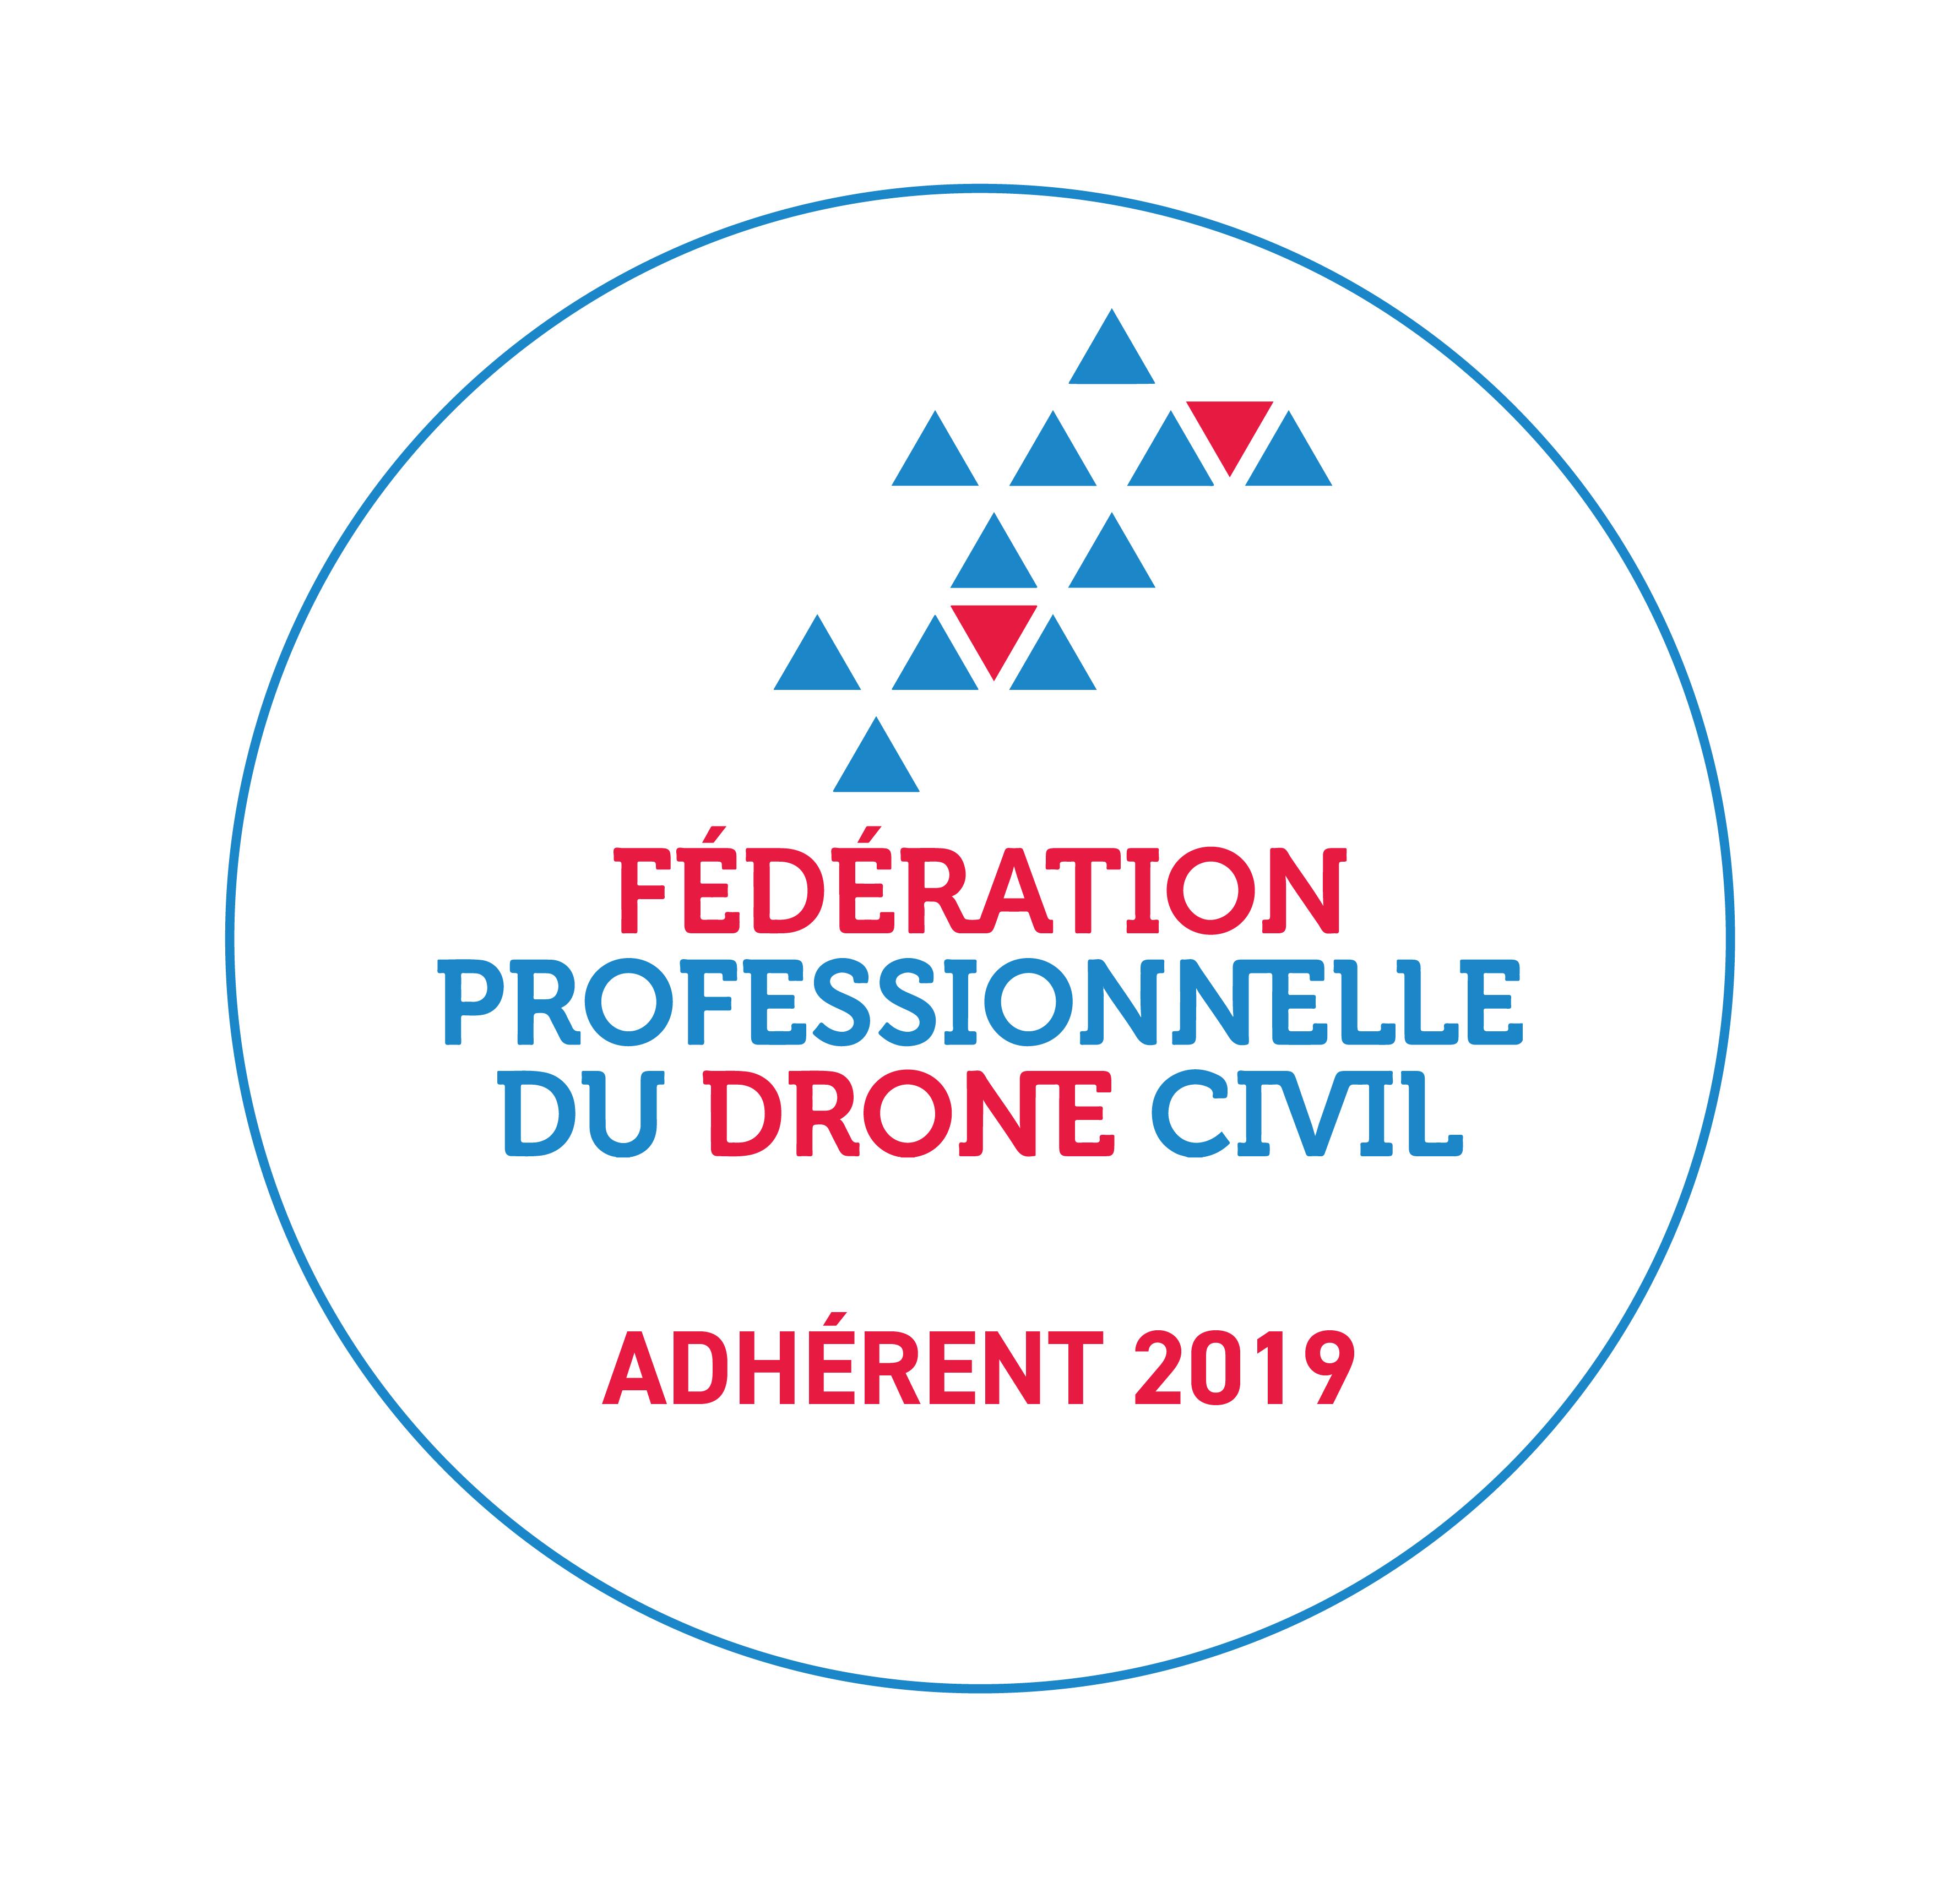 Membre Adhérent 2019